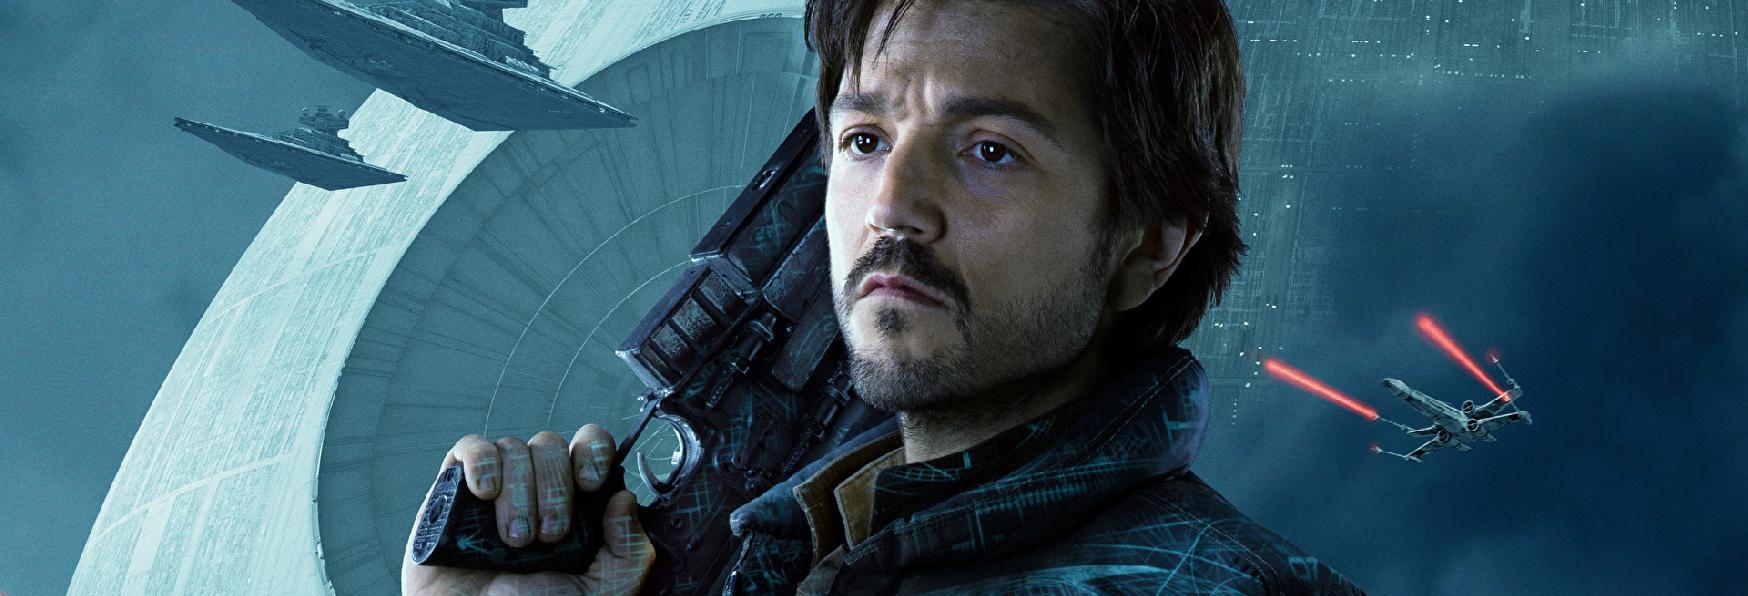 Star Wars: il Concept Artist di Game of Thrones lavorerà alla Serie su Cassian Andor